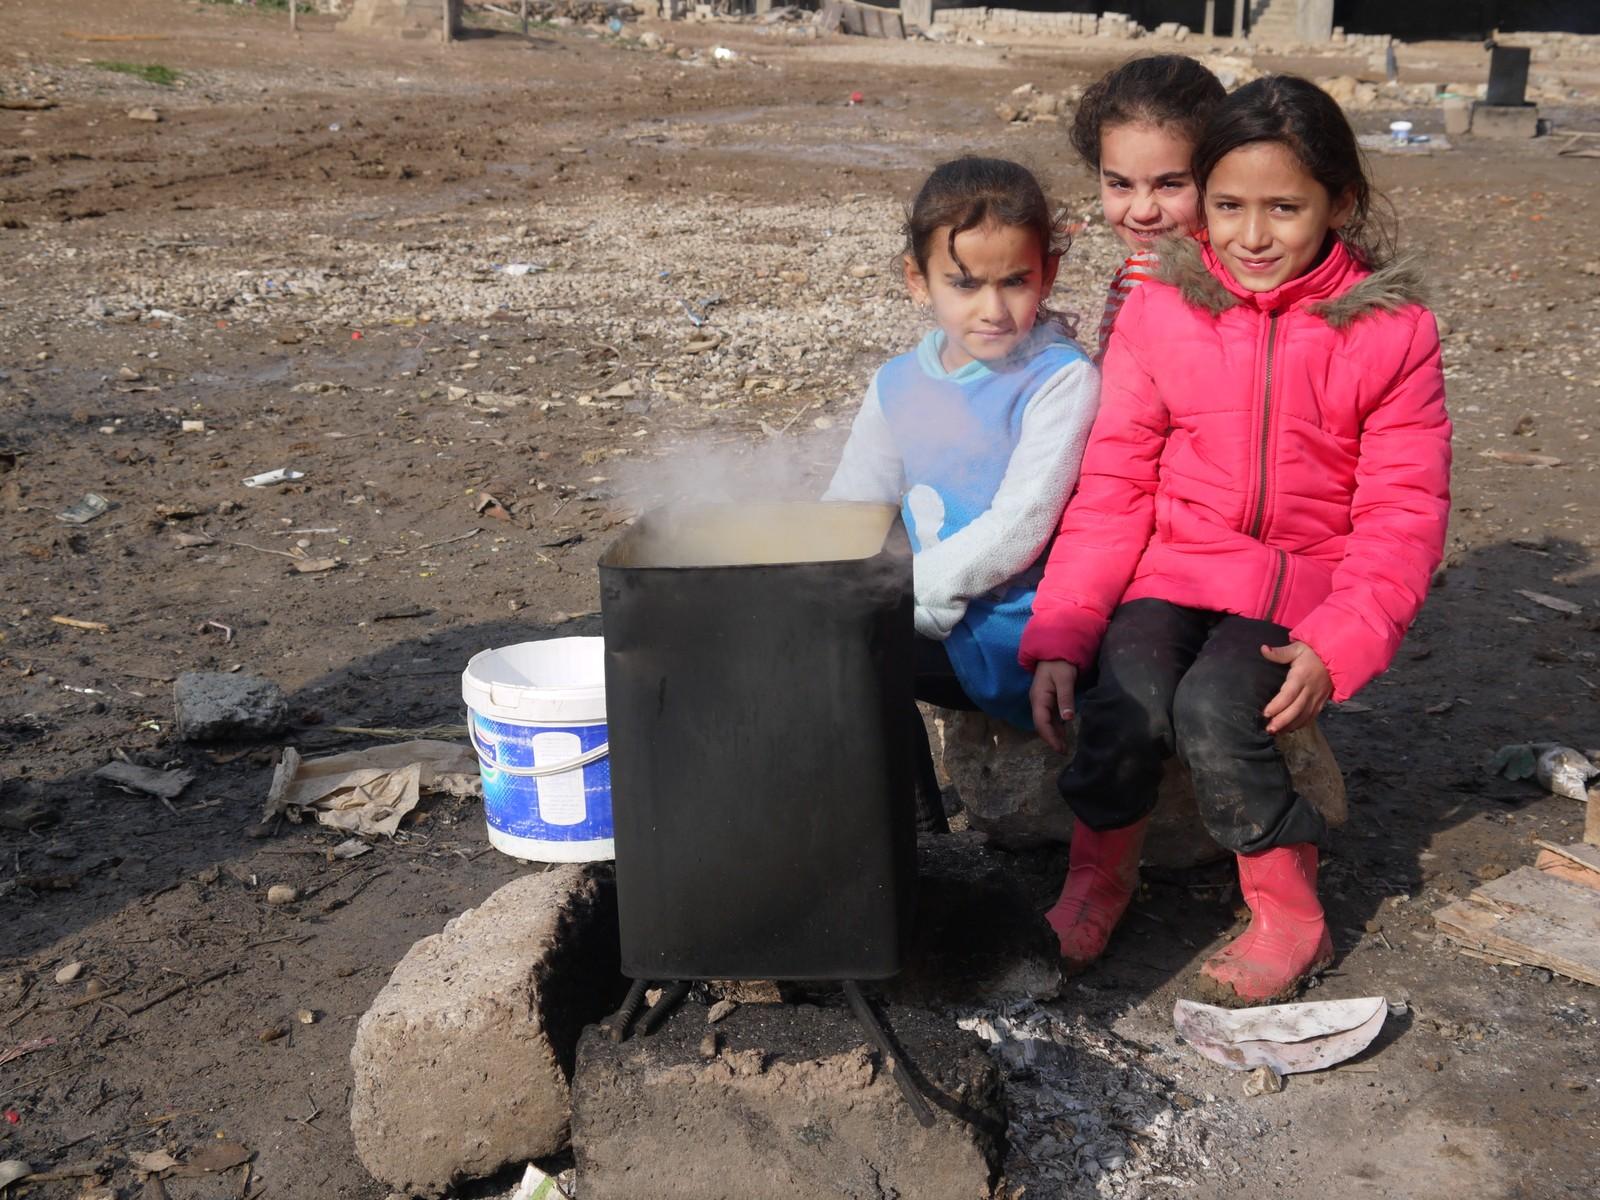 Det er kaldt i Irak. Tre jenter søker varme ved ein omn som står i ein av flyktningleirane utanfor Dohuk.